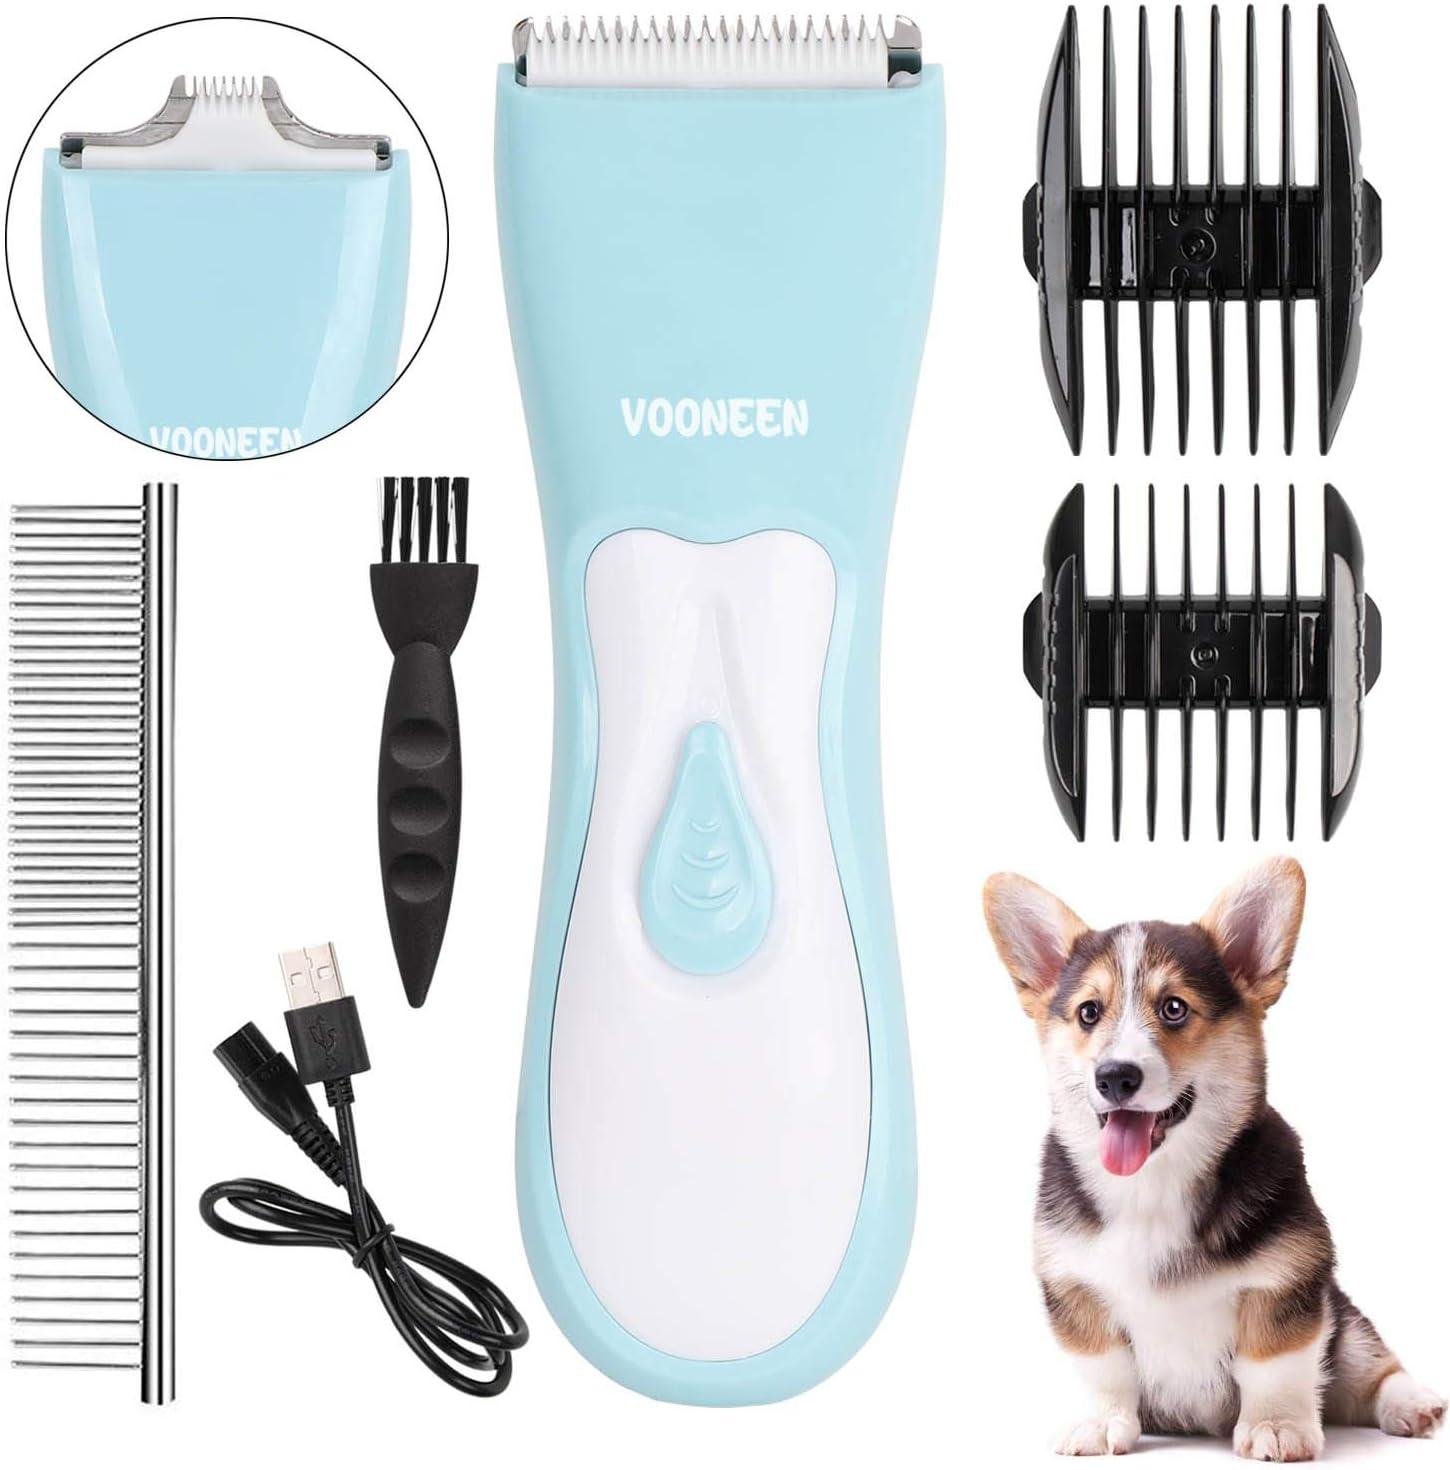 VOONEEN - Cortapelos para perros y mascotas, herramienta profesional con 2 guías de peine para perros, gatos y otros animales, bajo ruido